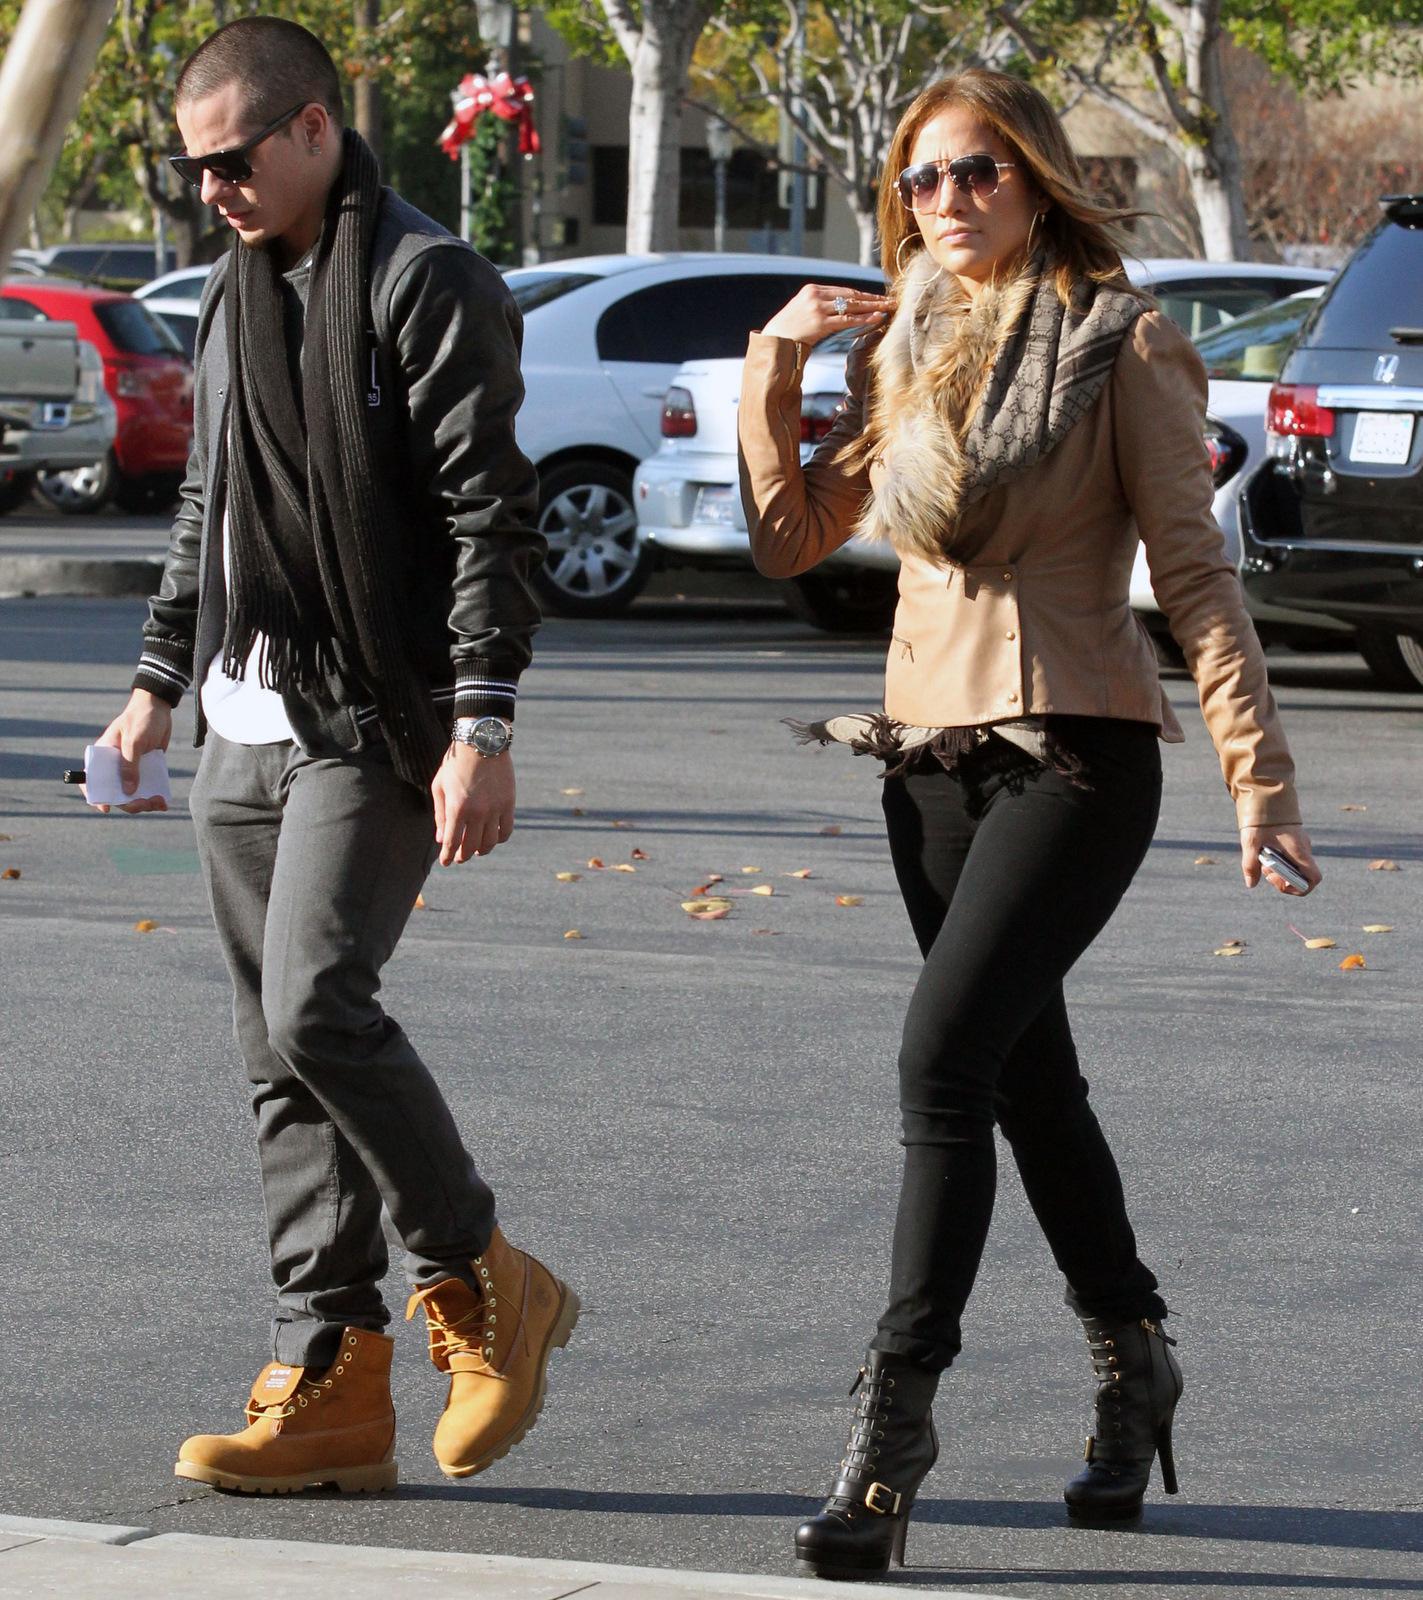 Jennifer Lopez Casper Smart Wonderwall gossip